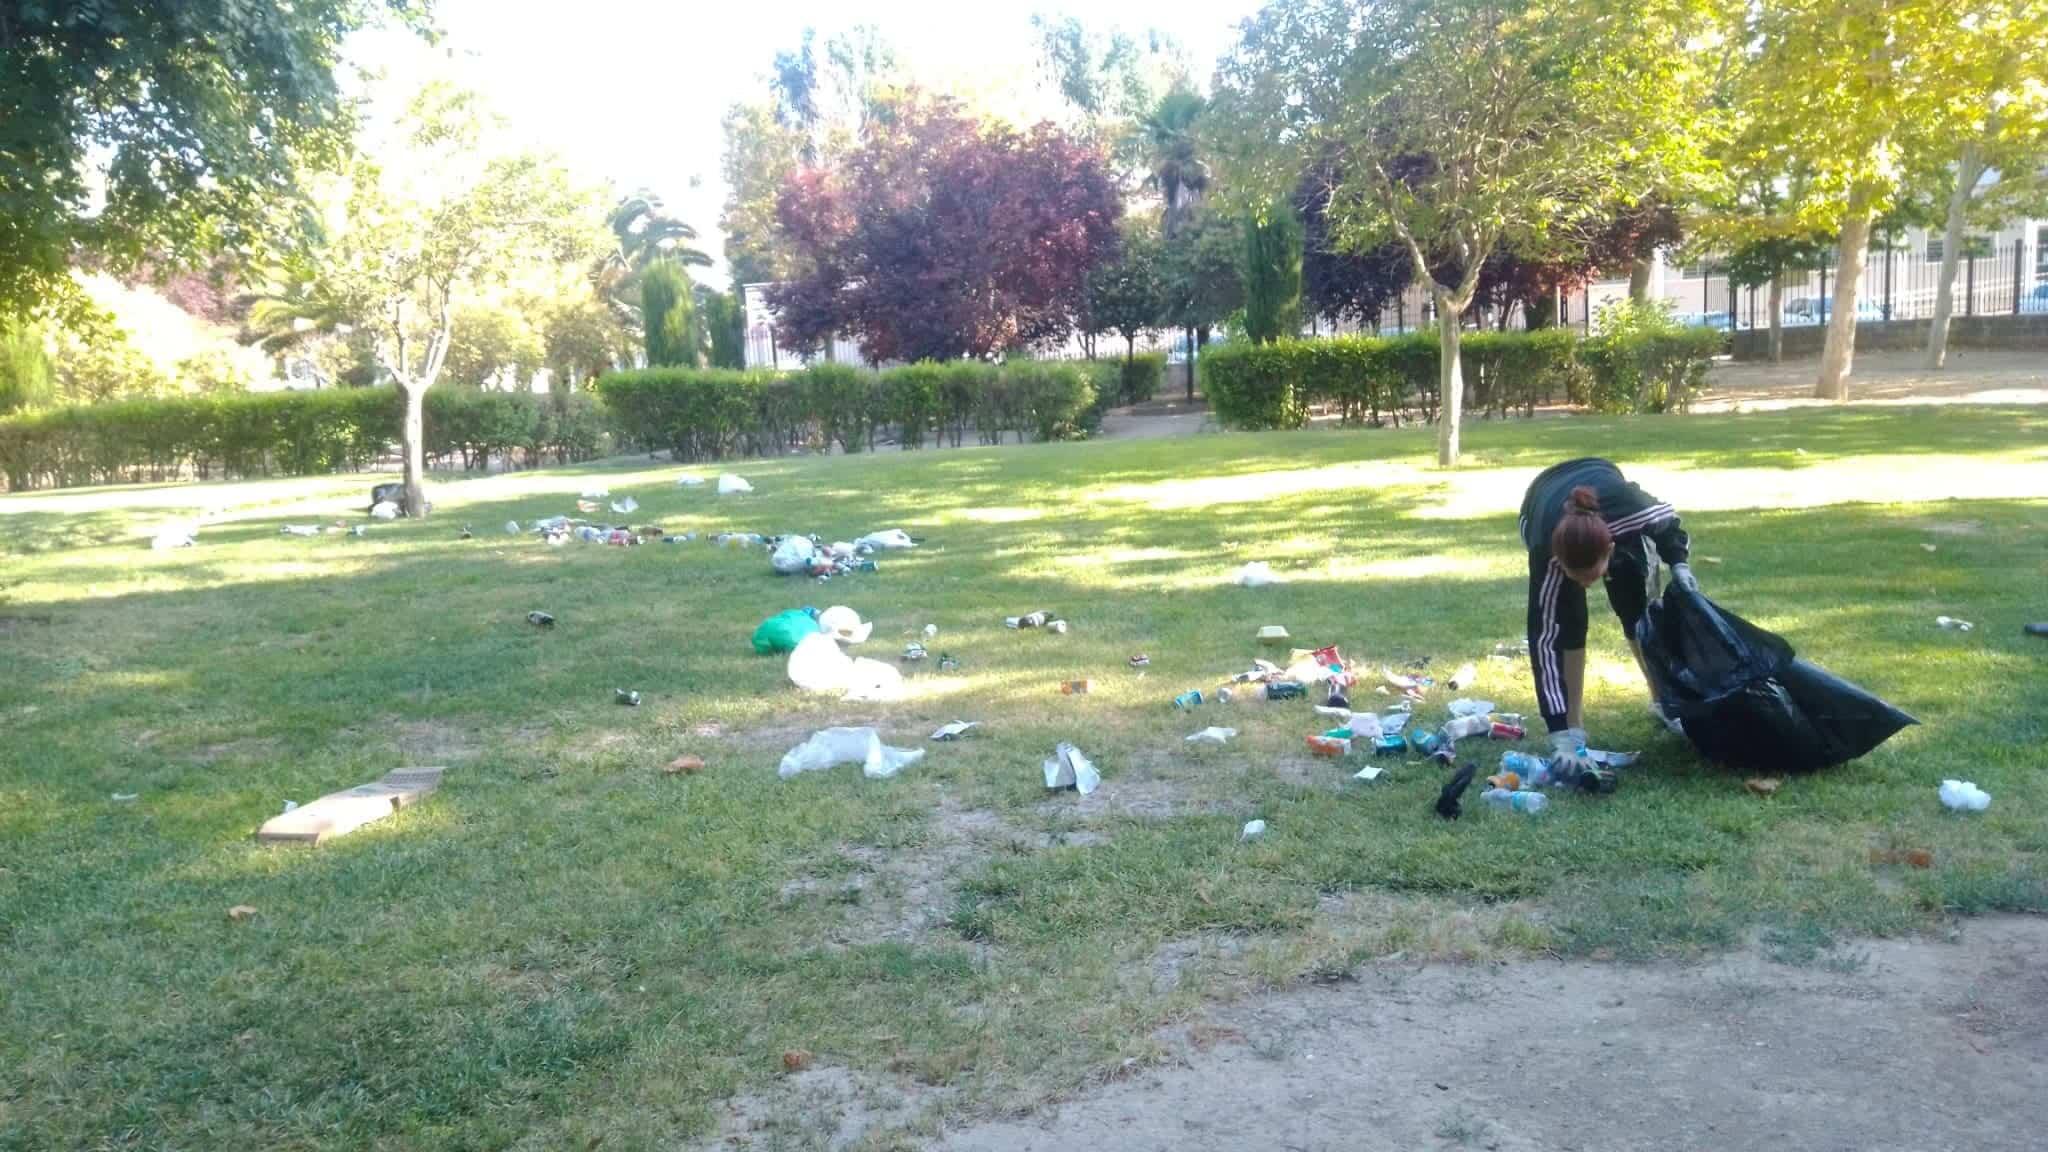 praderas cesped parque herencia desperdicios - Cuidar Herencia es muy fácil, utiliza las papeleras y contenedores